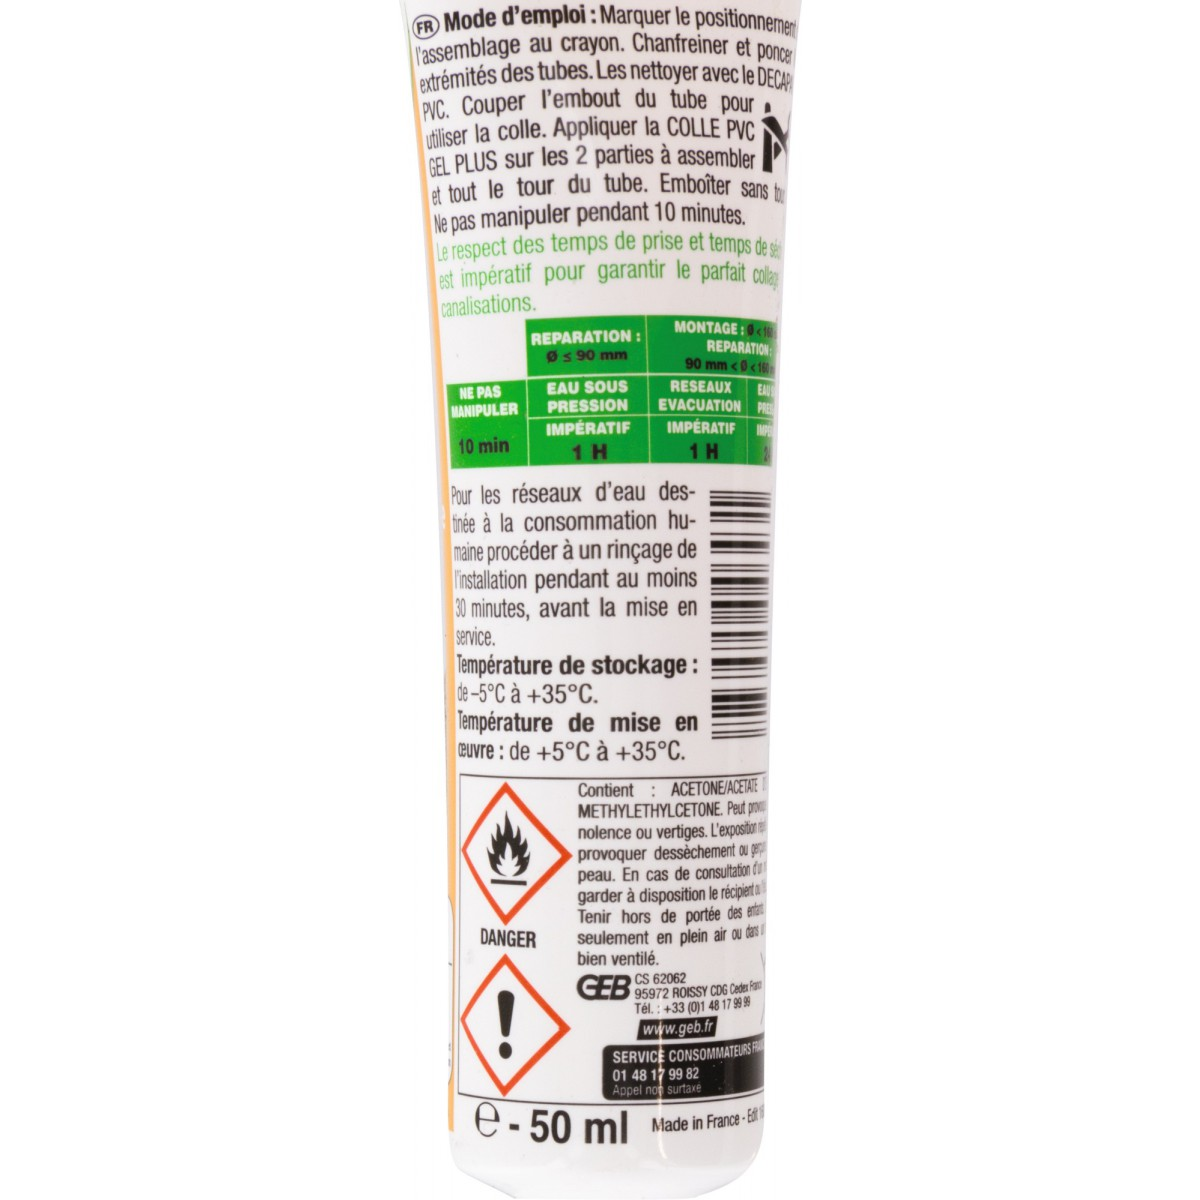 Colle gel plus PVC Geb - Tube 50 ml